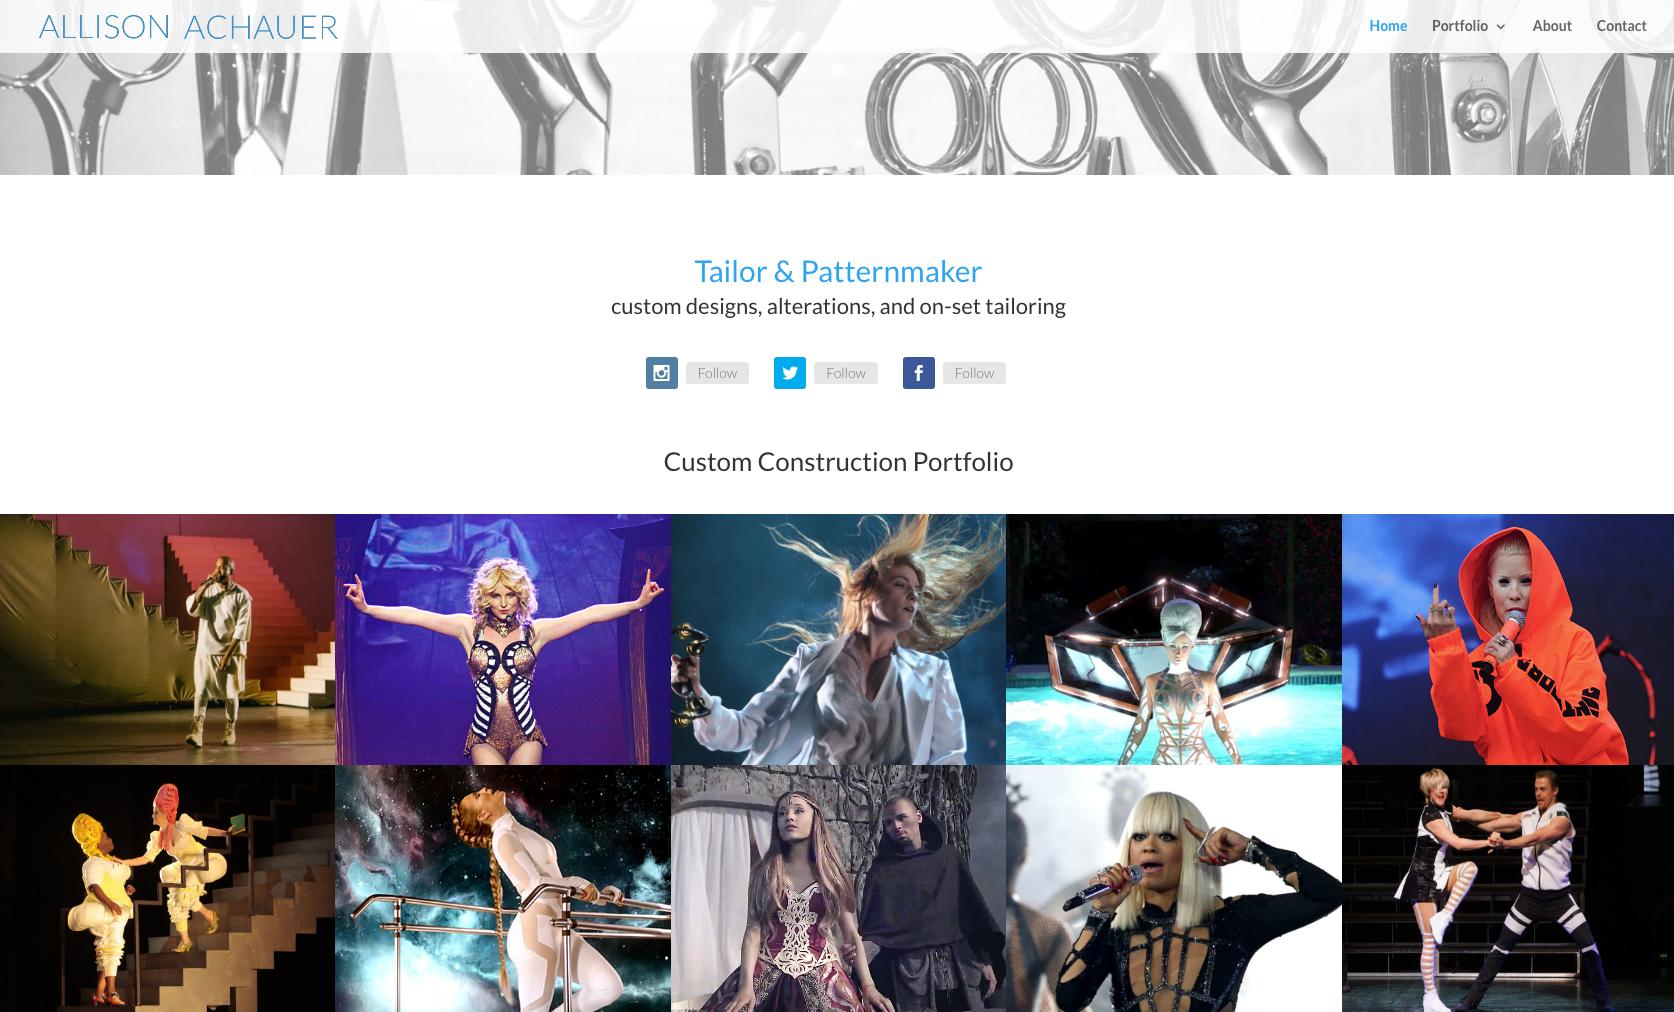 Screenshot of Allison Achauer website